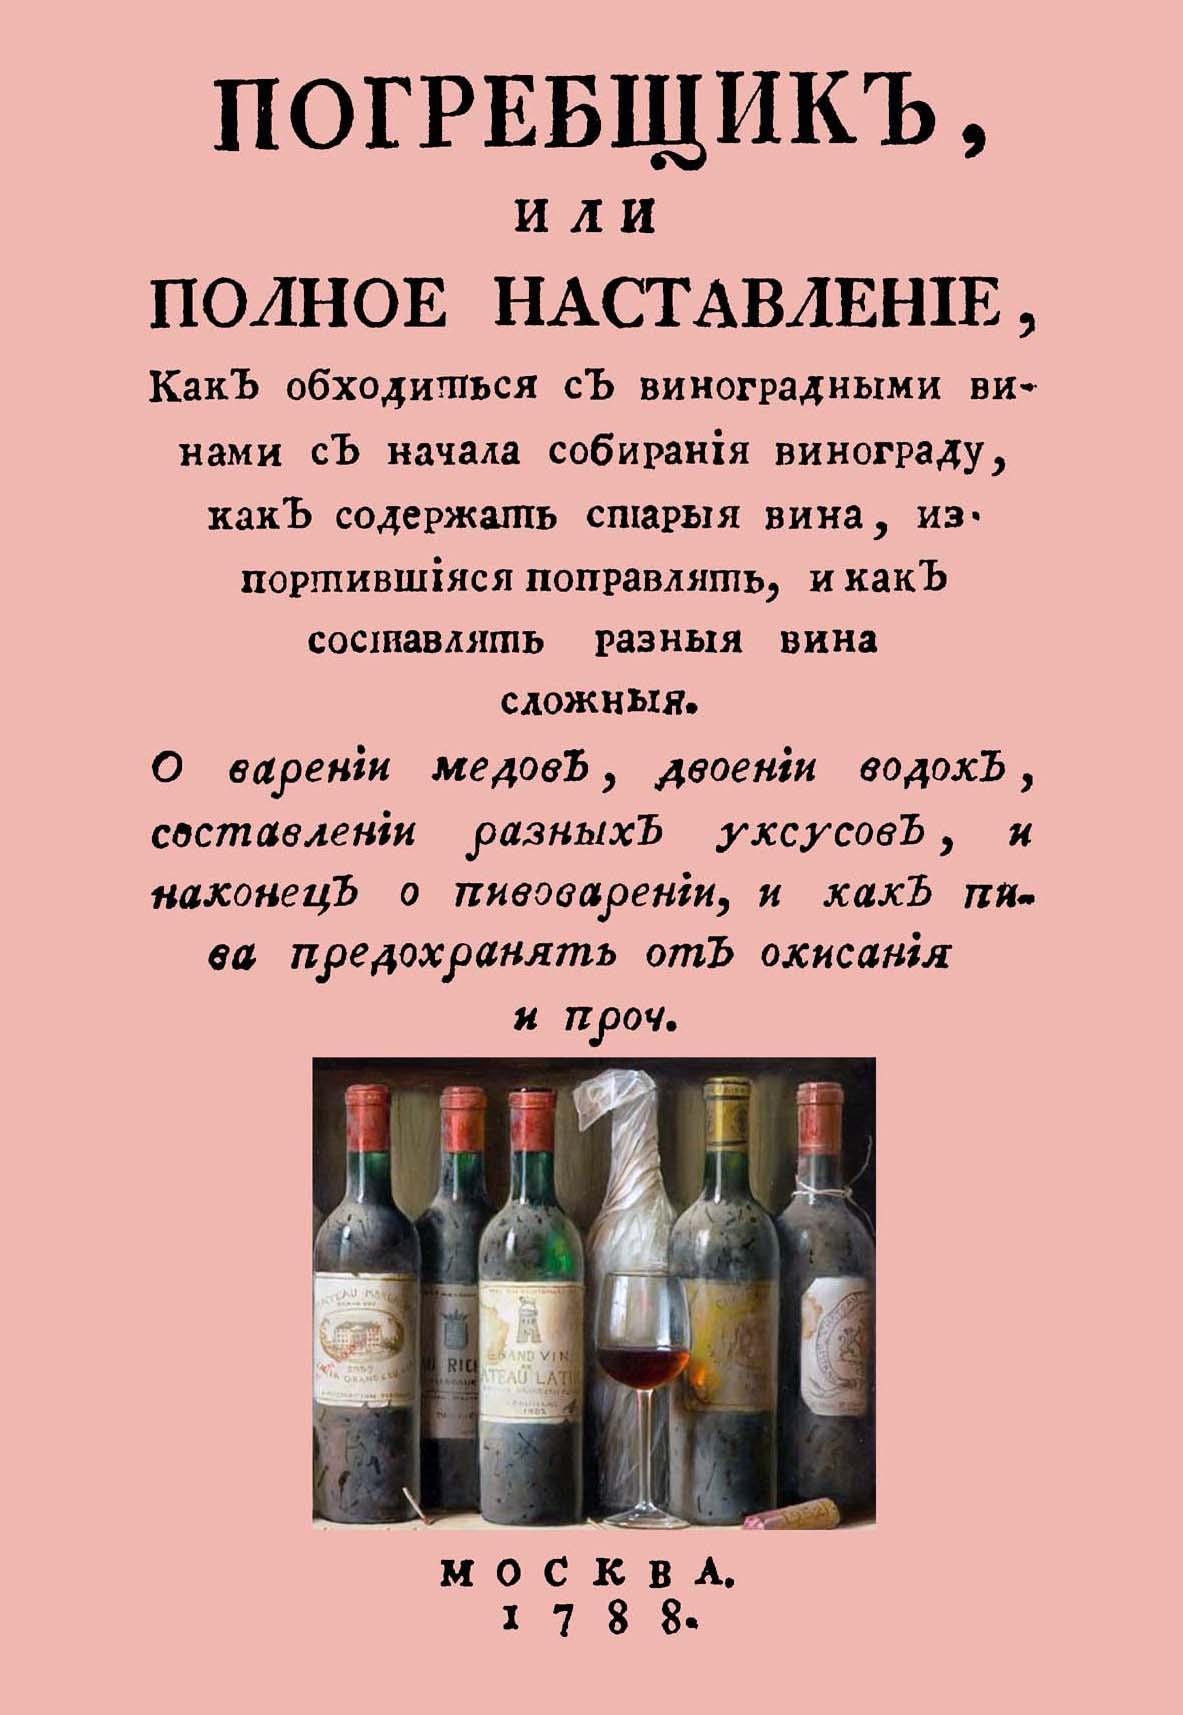 В. Левшин Погребщик, или полное наставление, как обходиться с виноградными винами с начала собирания винограда, как содержать старые вина, испортившиеся поправлять, и как составлять разные вина сложные